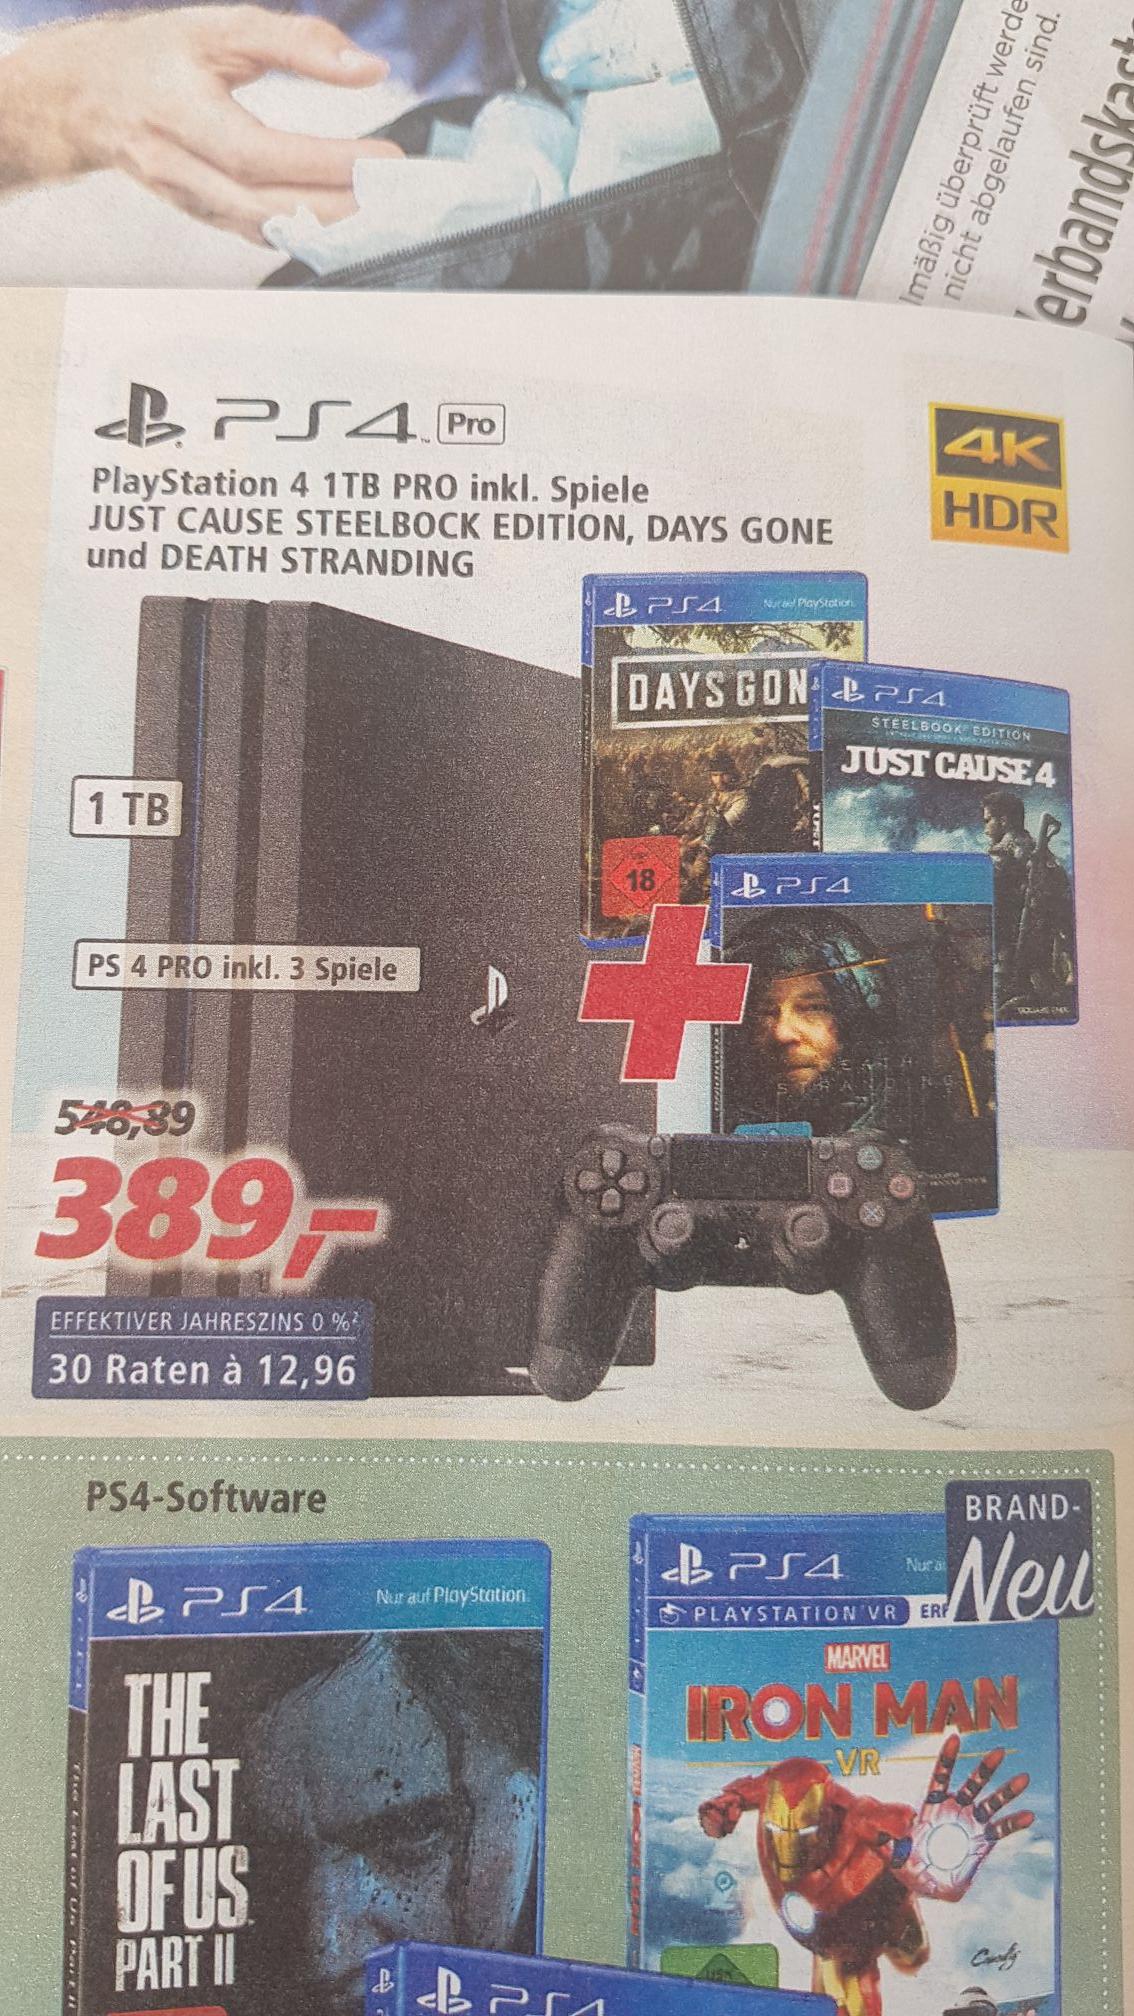 PS4 Pro 1 TB inkl. Death Stranding, Just Cause 4 und Days Gone in Brandenburg/Berlin